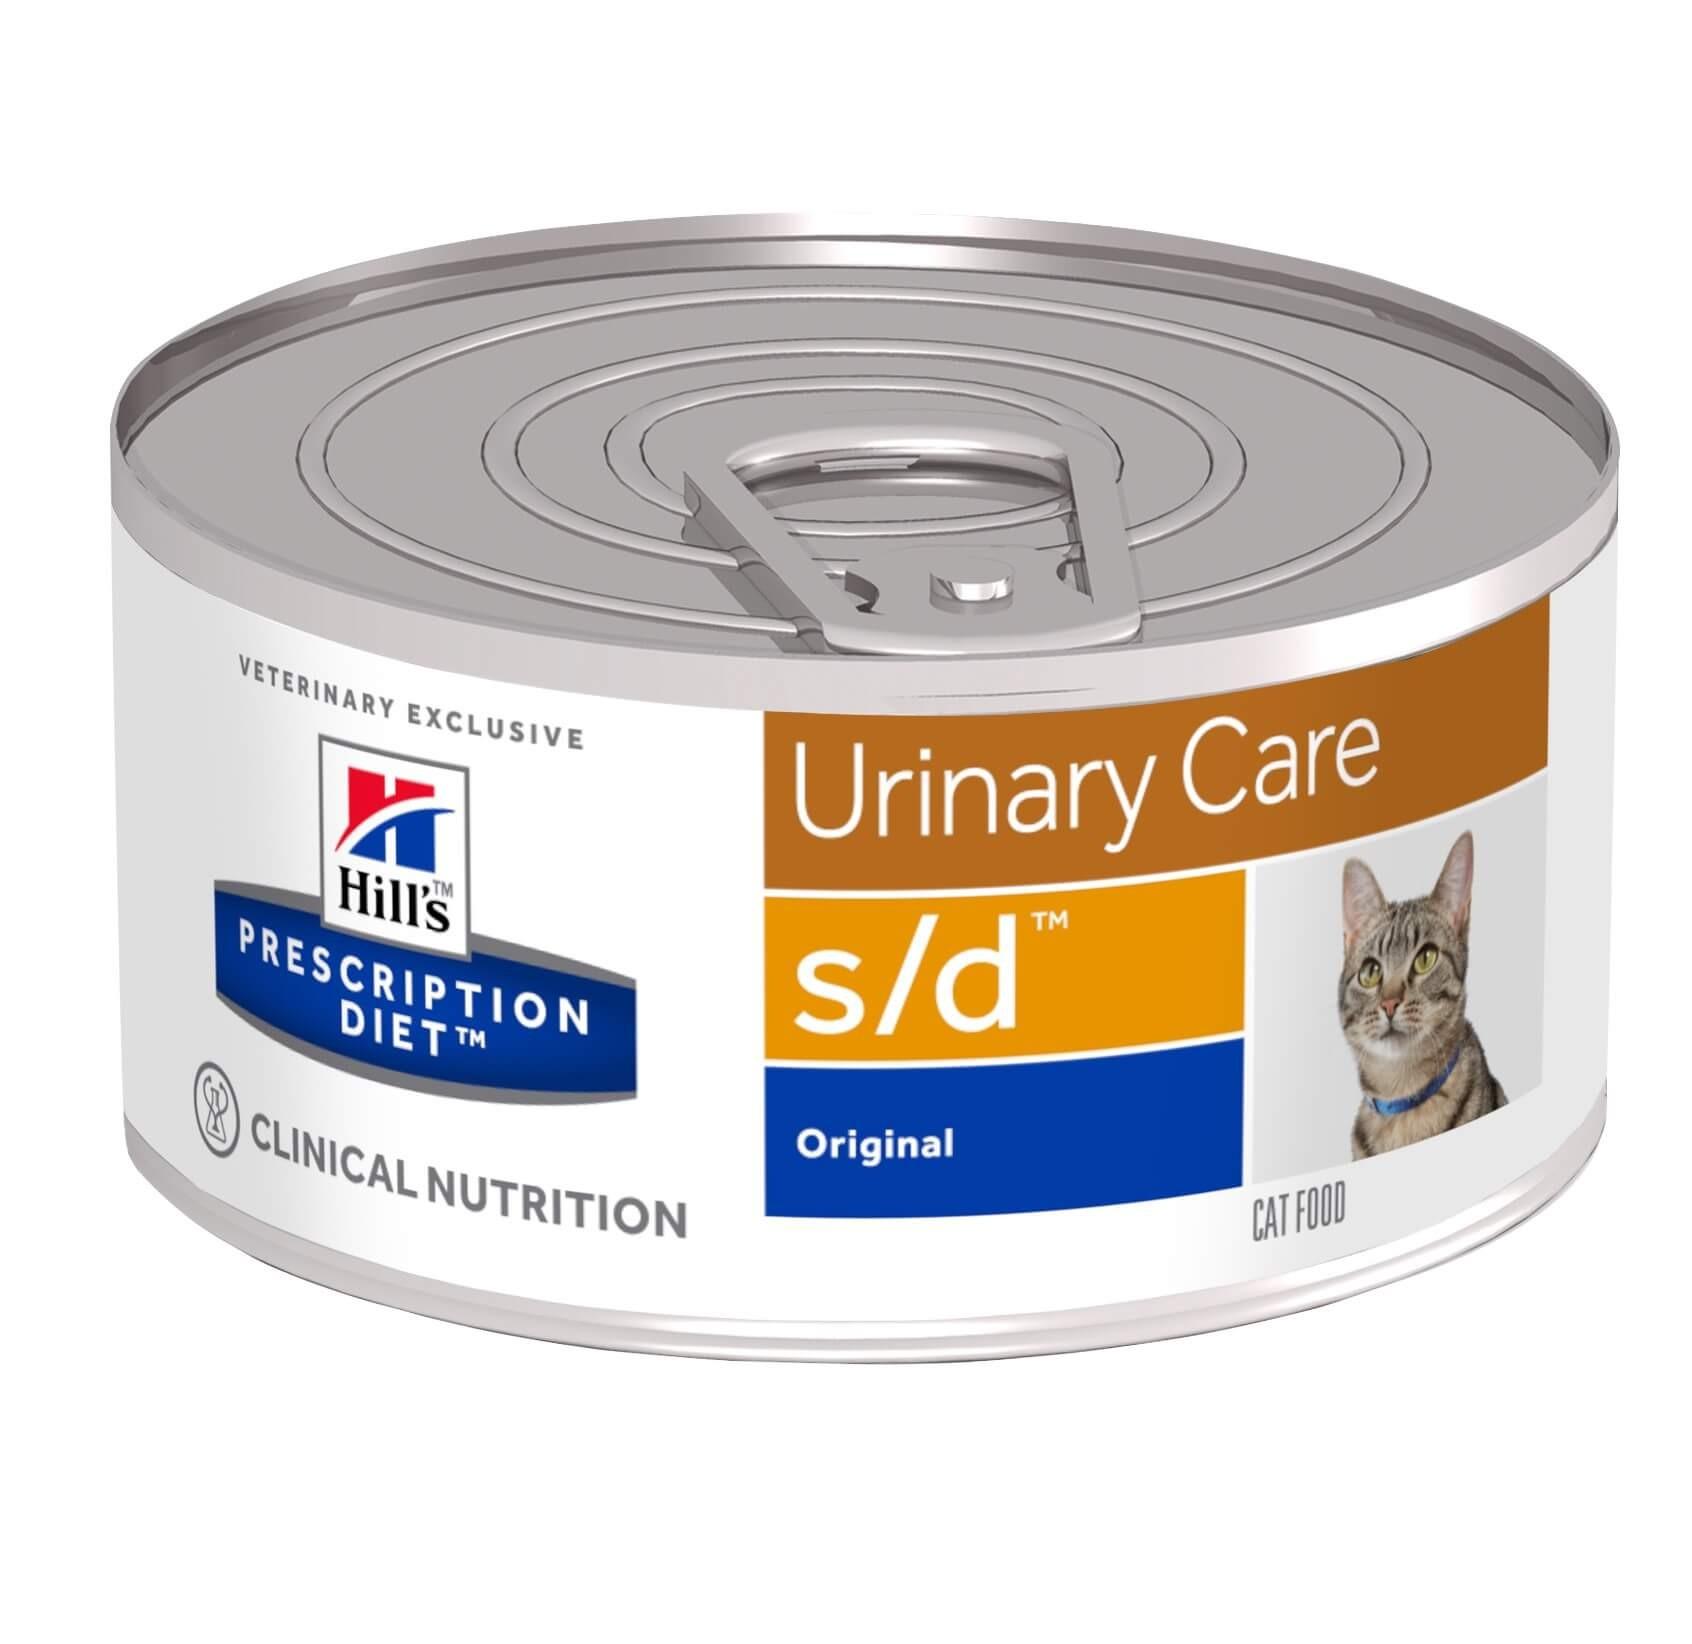 Hill's Prescription Diet S/D 156 g Dosen Katzenfutter